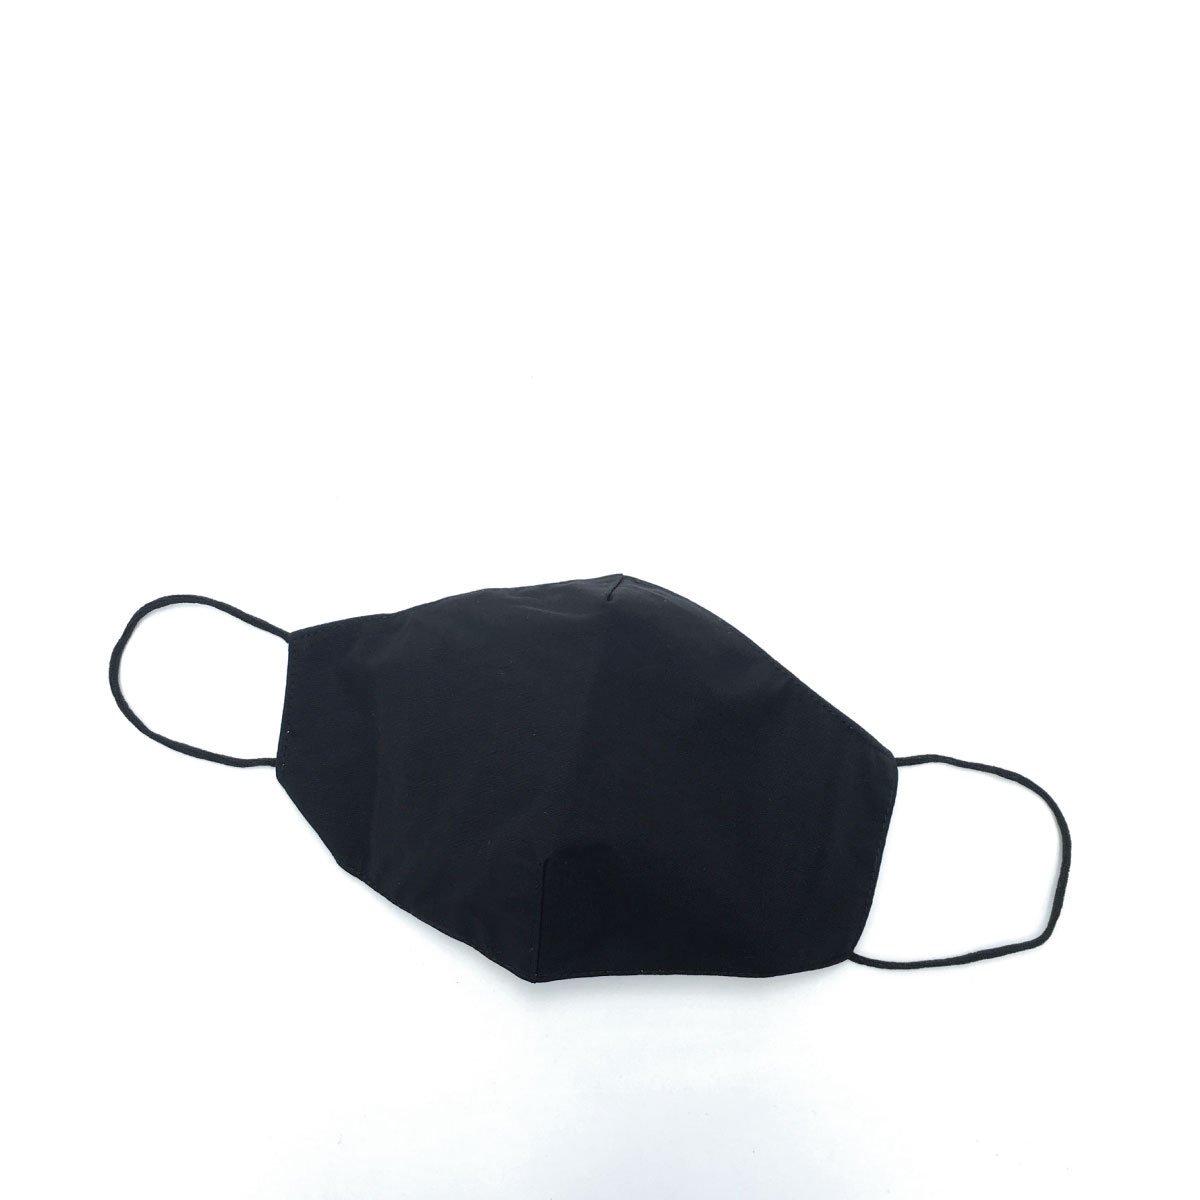 Strap Set Mask 詳細画像6